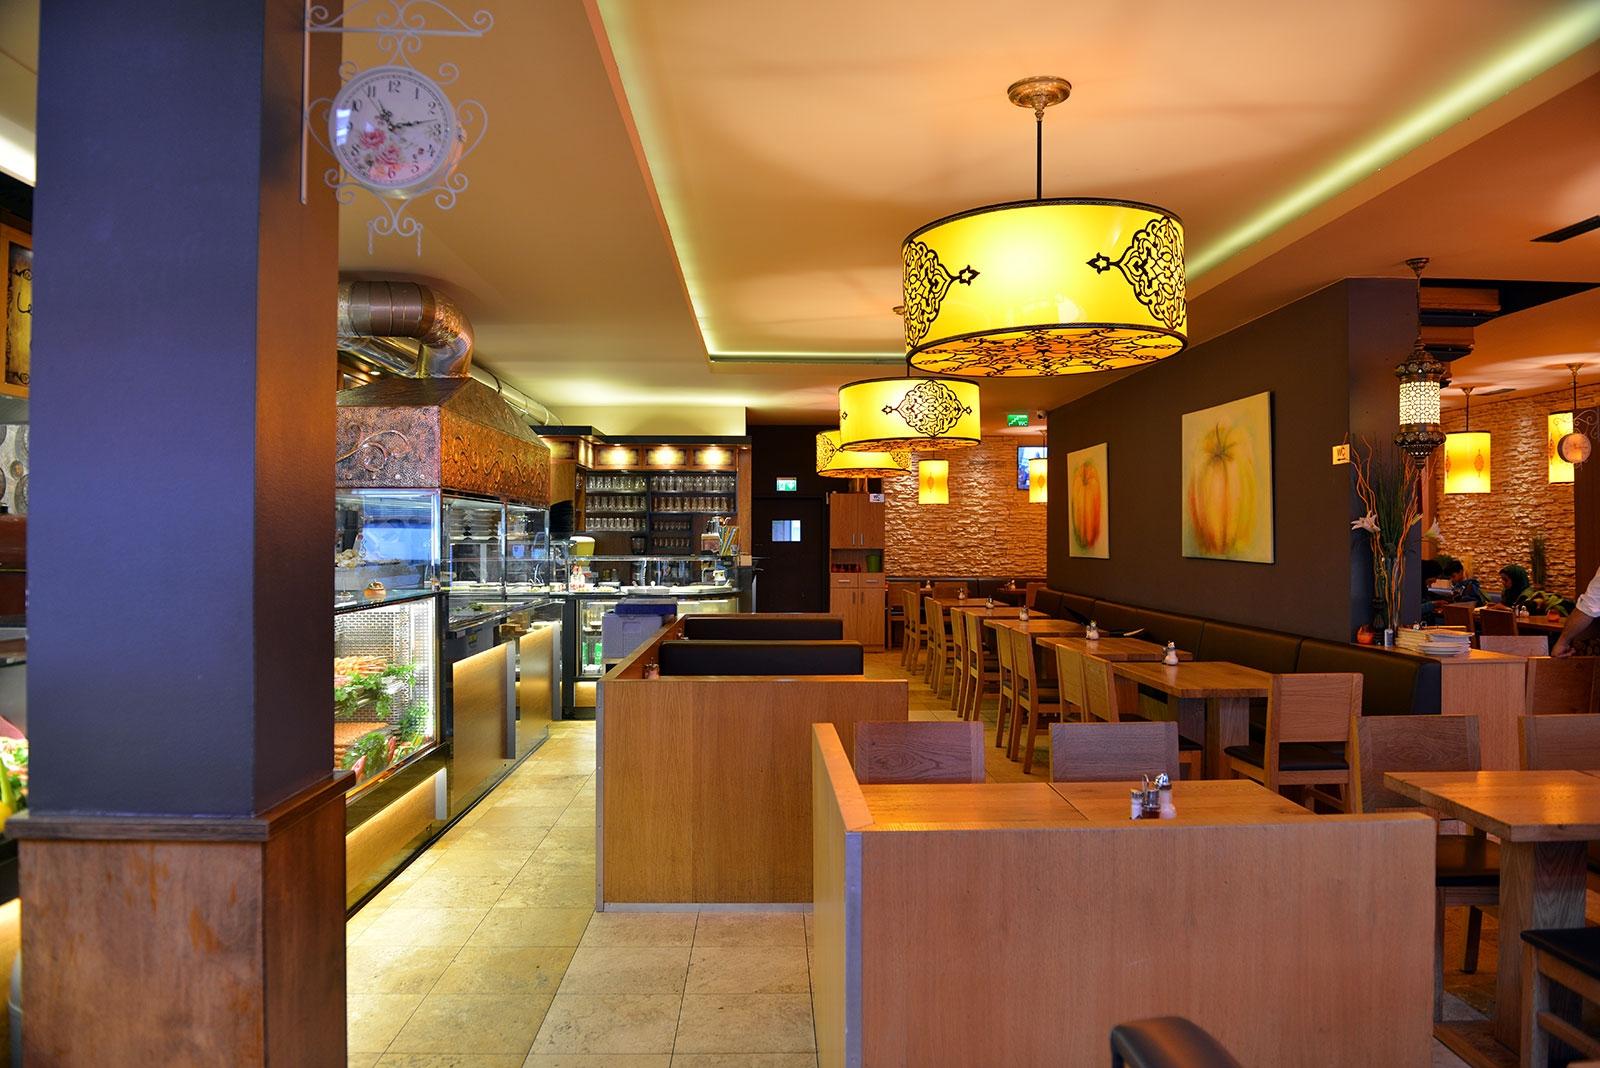 المانيا فرانكفورت اهم اماكن التسوق والمطاعم مطعم دوي دوي